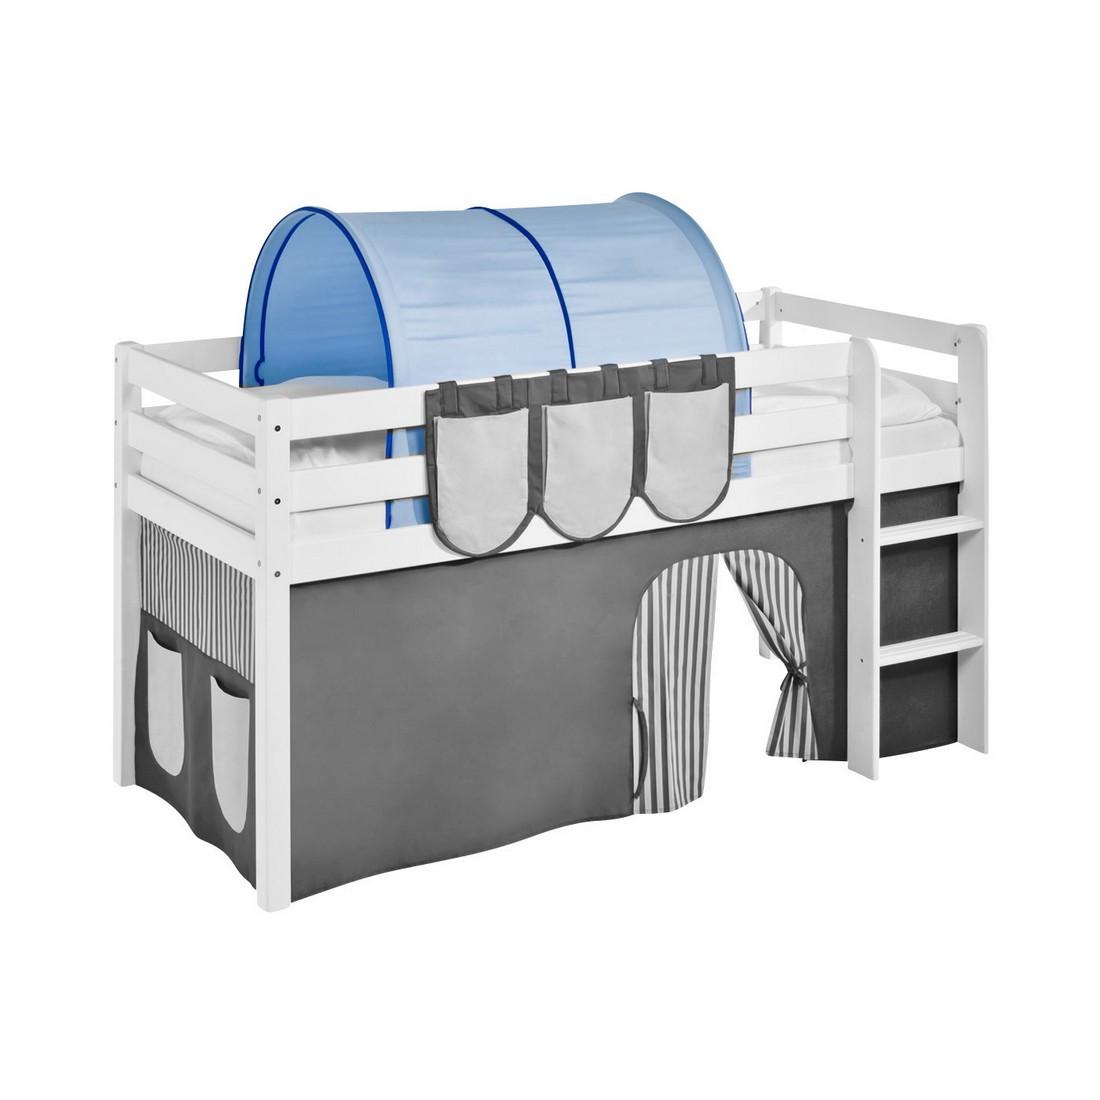 Tunnel Blau - für Hochbett Spielbett und Etagenbett, Lilokids